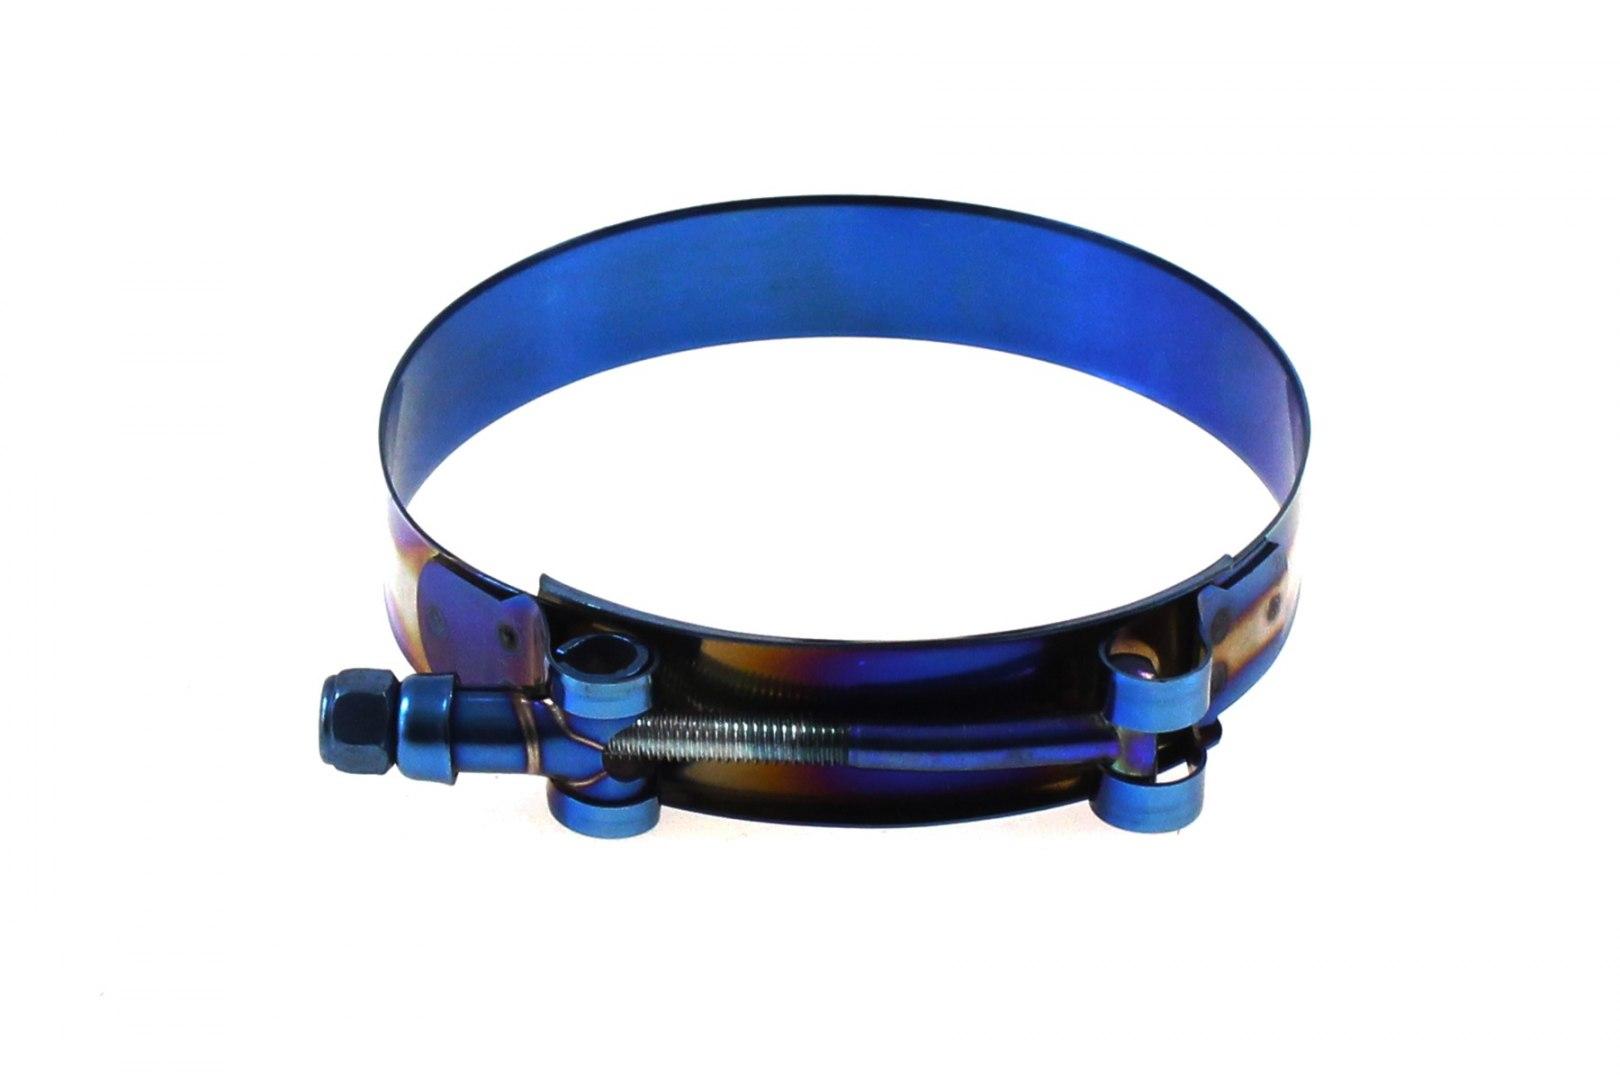 Opaska zaciskowa TurboWorks 90-98mm T-Clamp - GRUBYGARAGE - Sklep Tuningowy